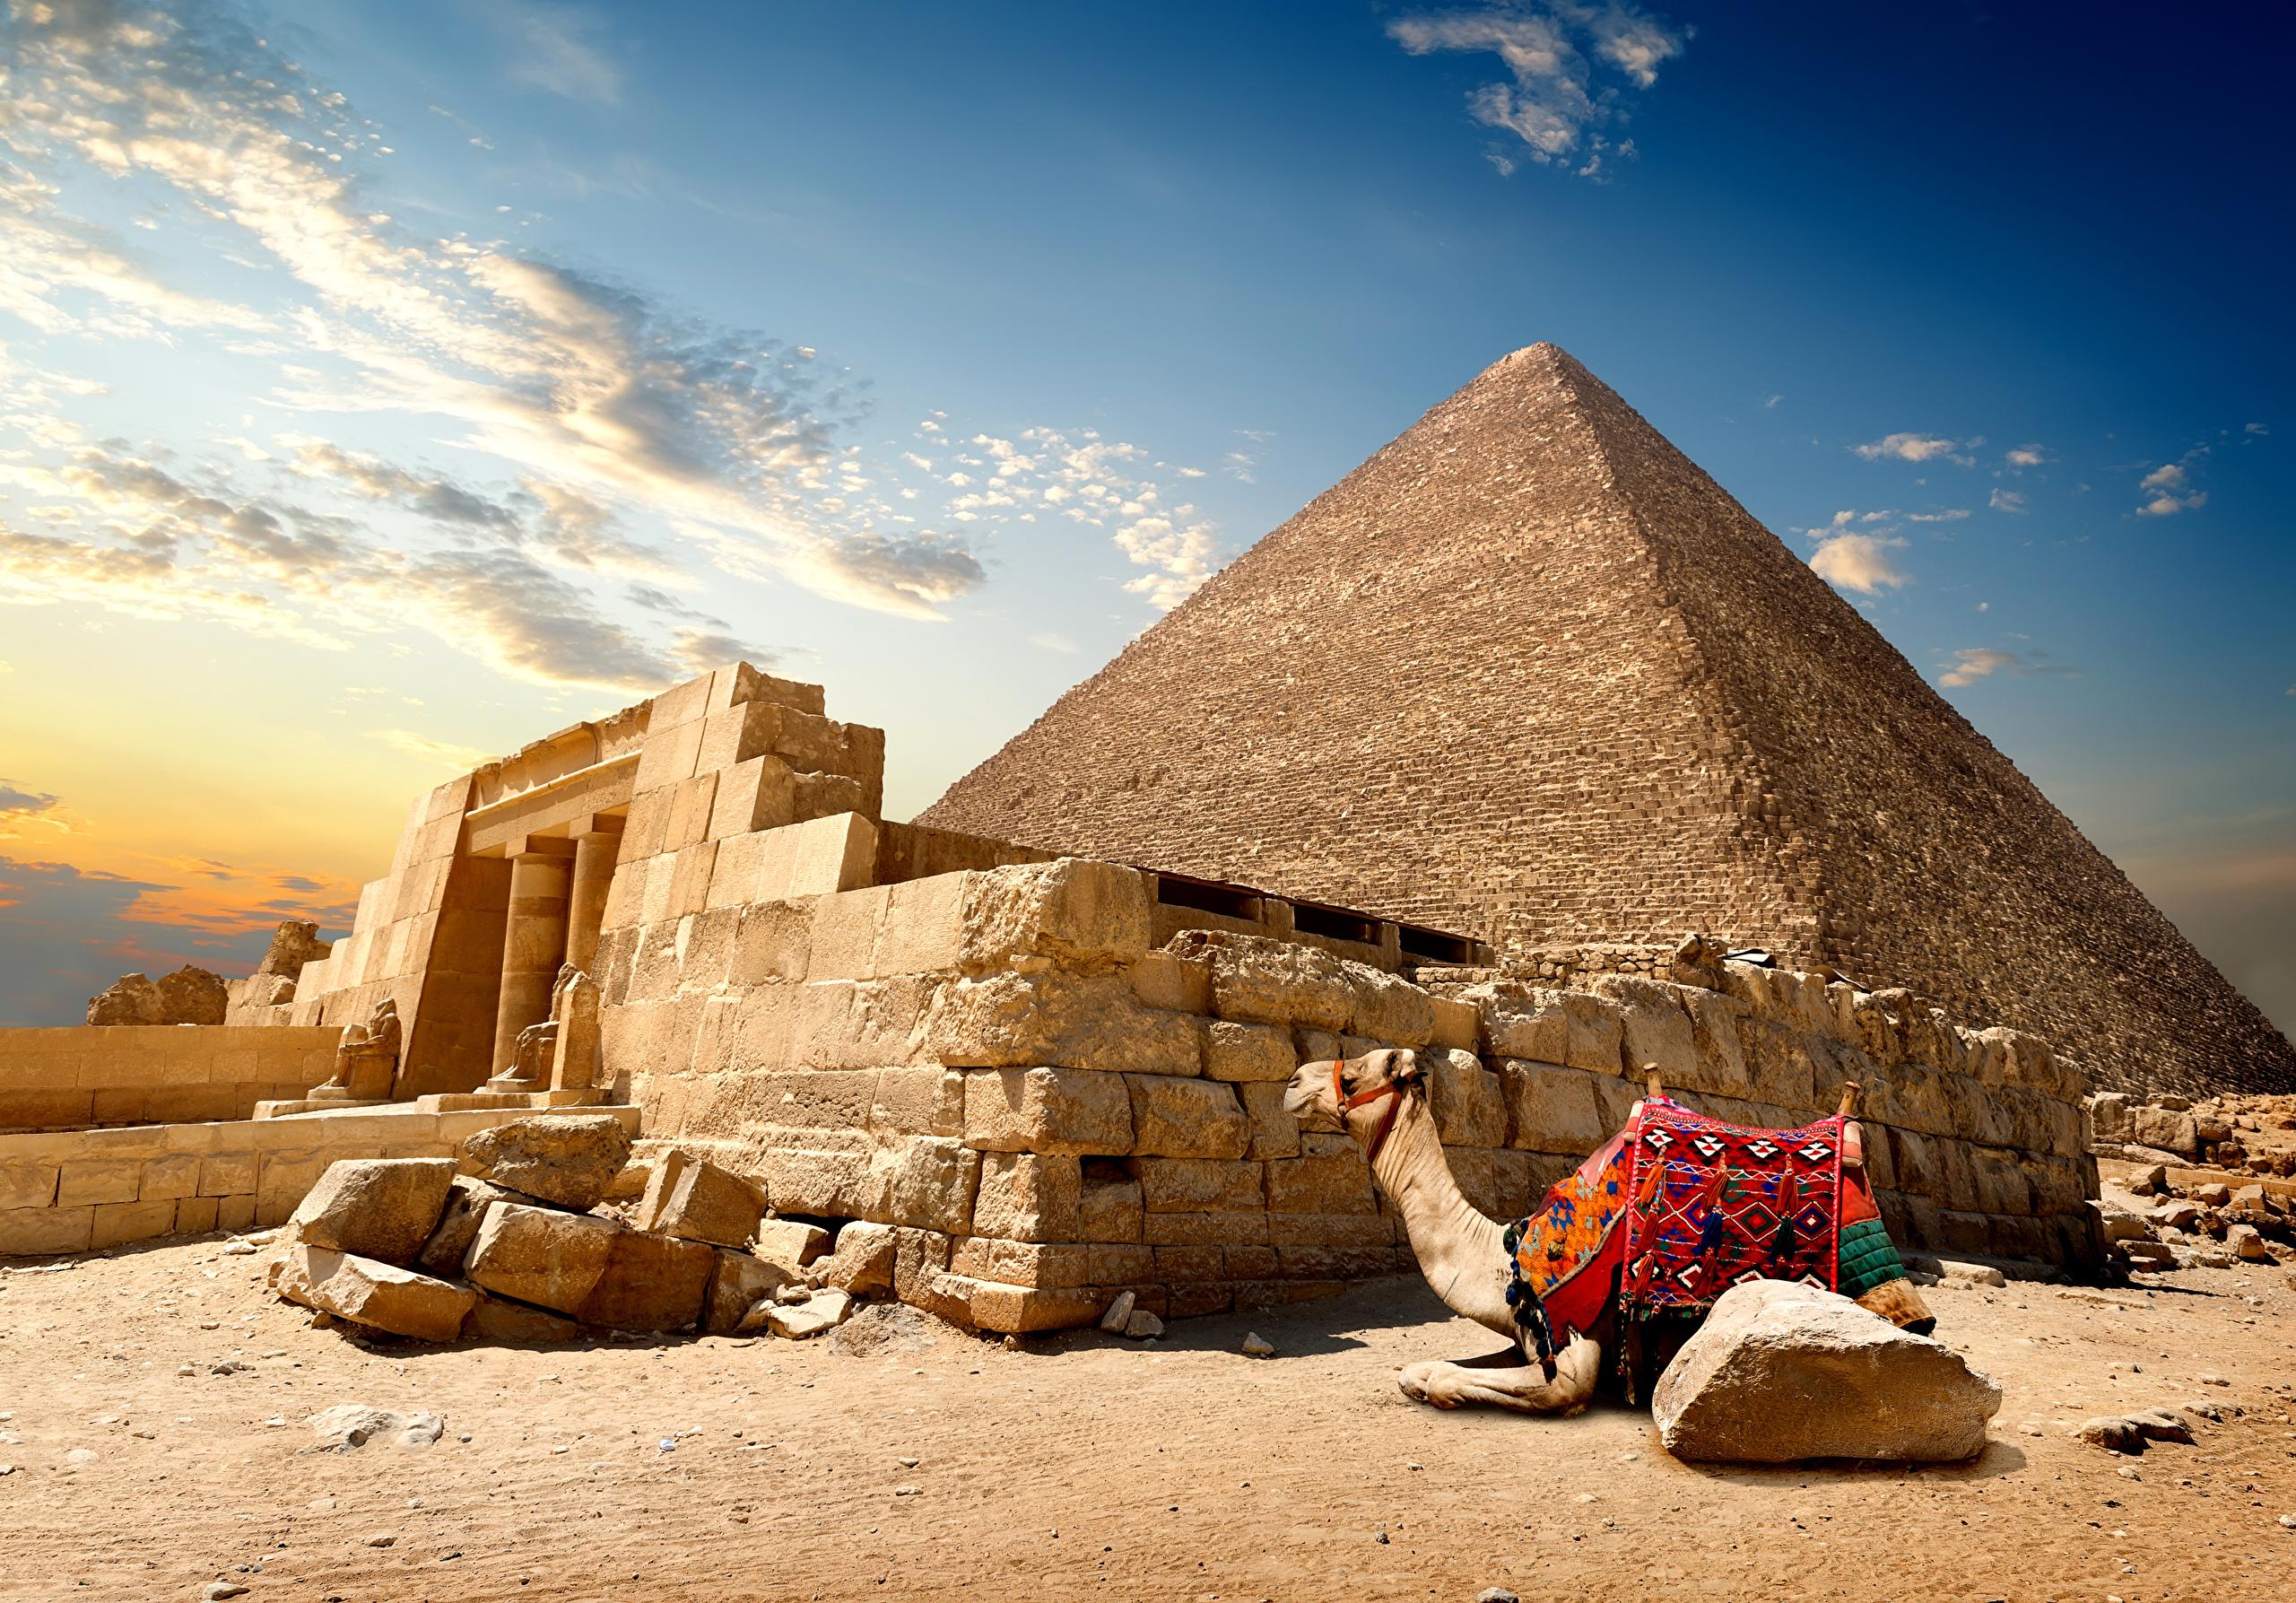 аппарата посмотреть картинки египетские чертой модов